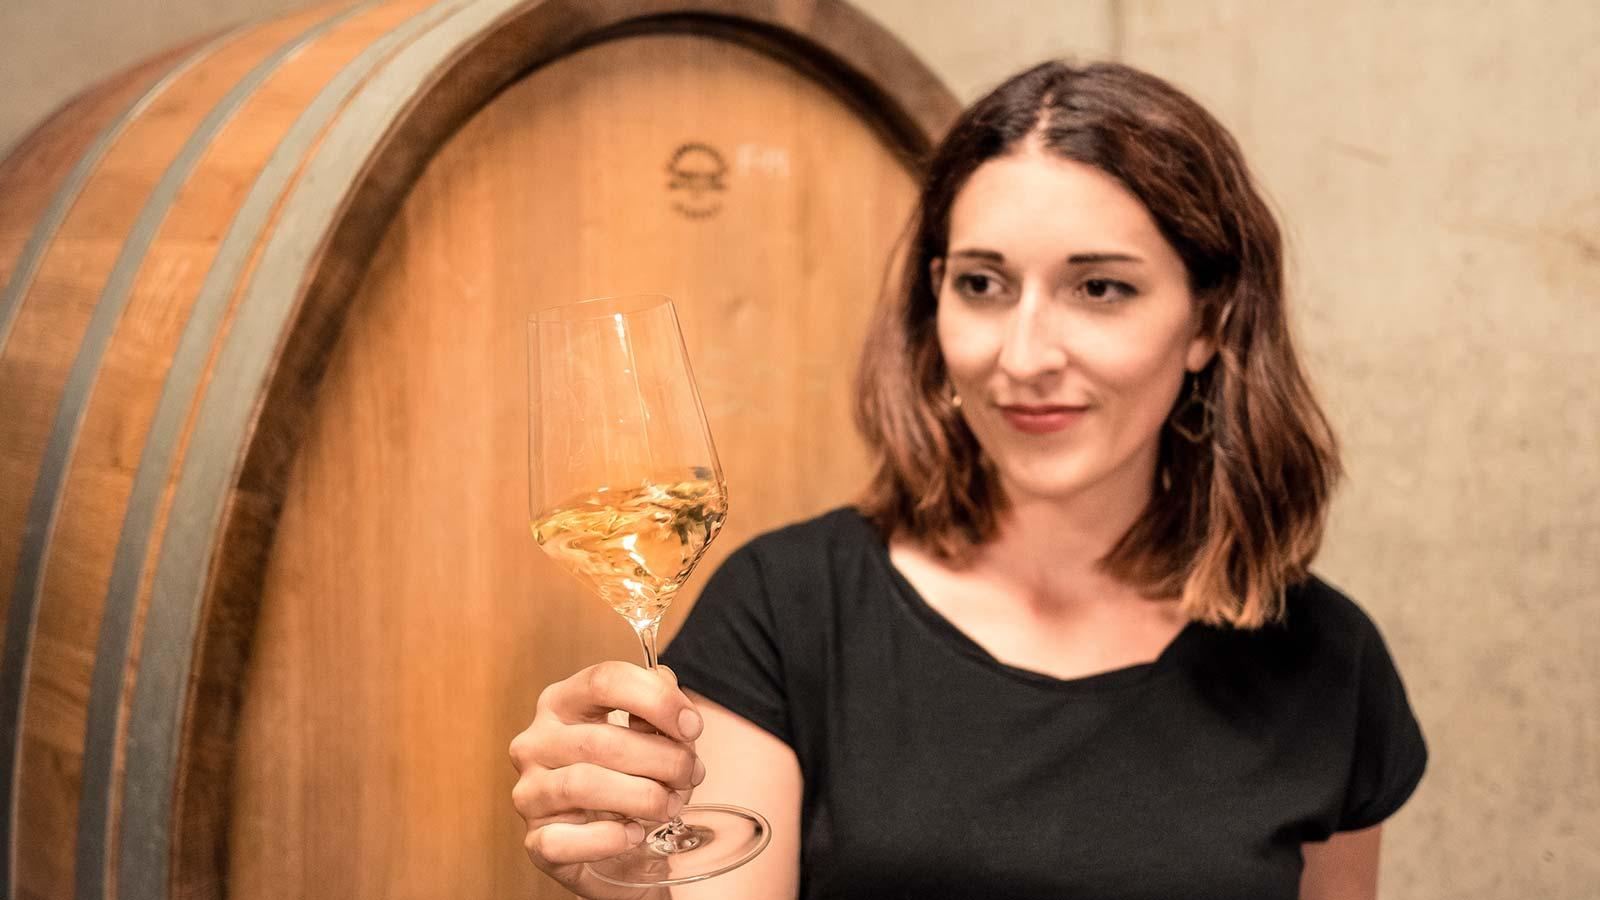 Anna Faber schwenkt ein Glas Weißwein vor einem Weinfass